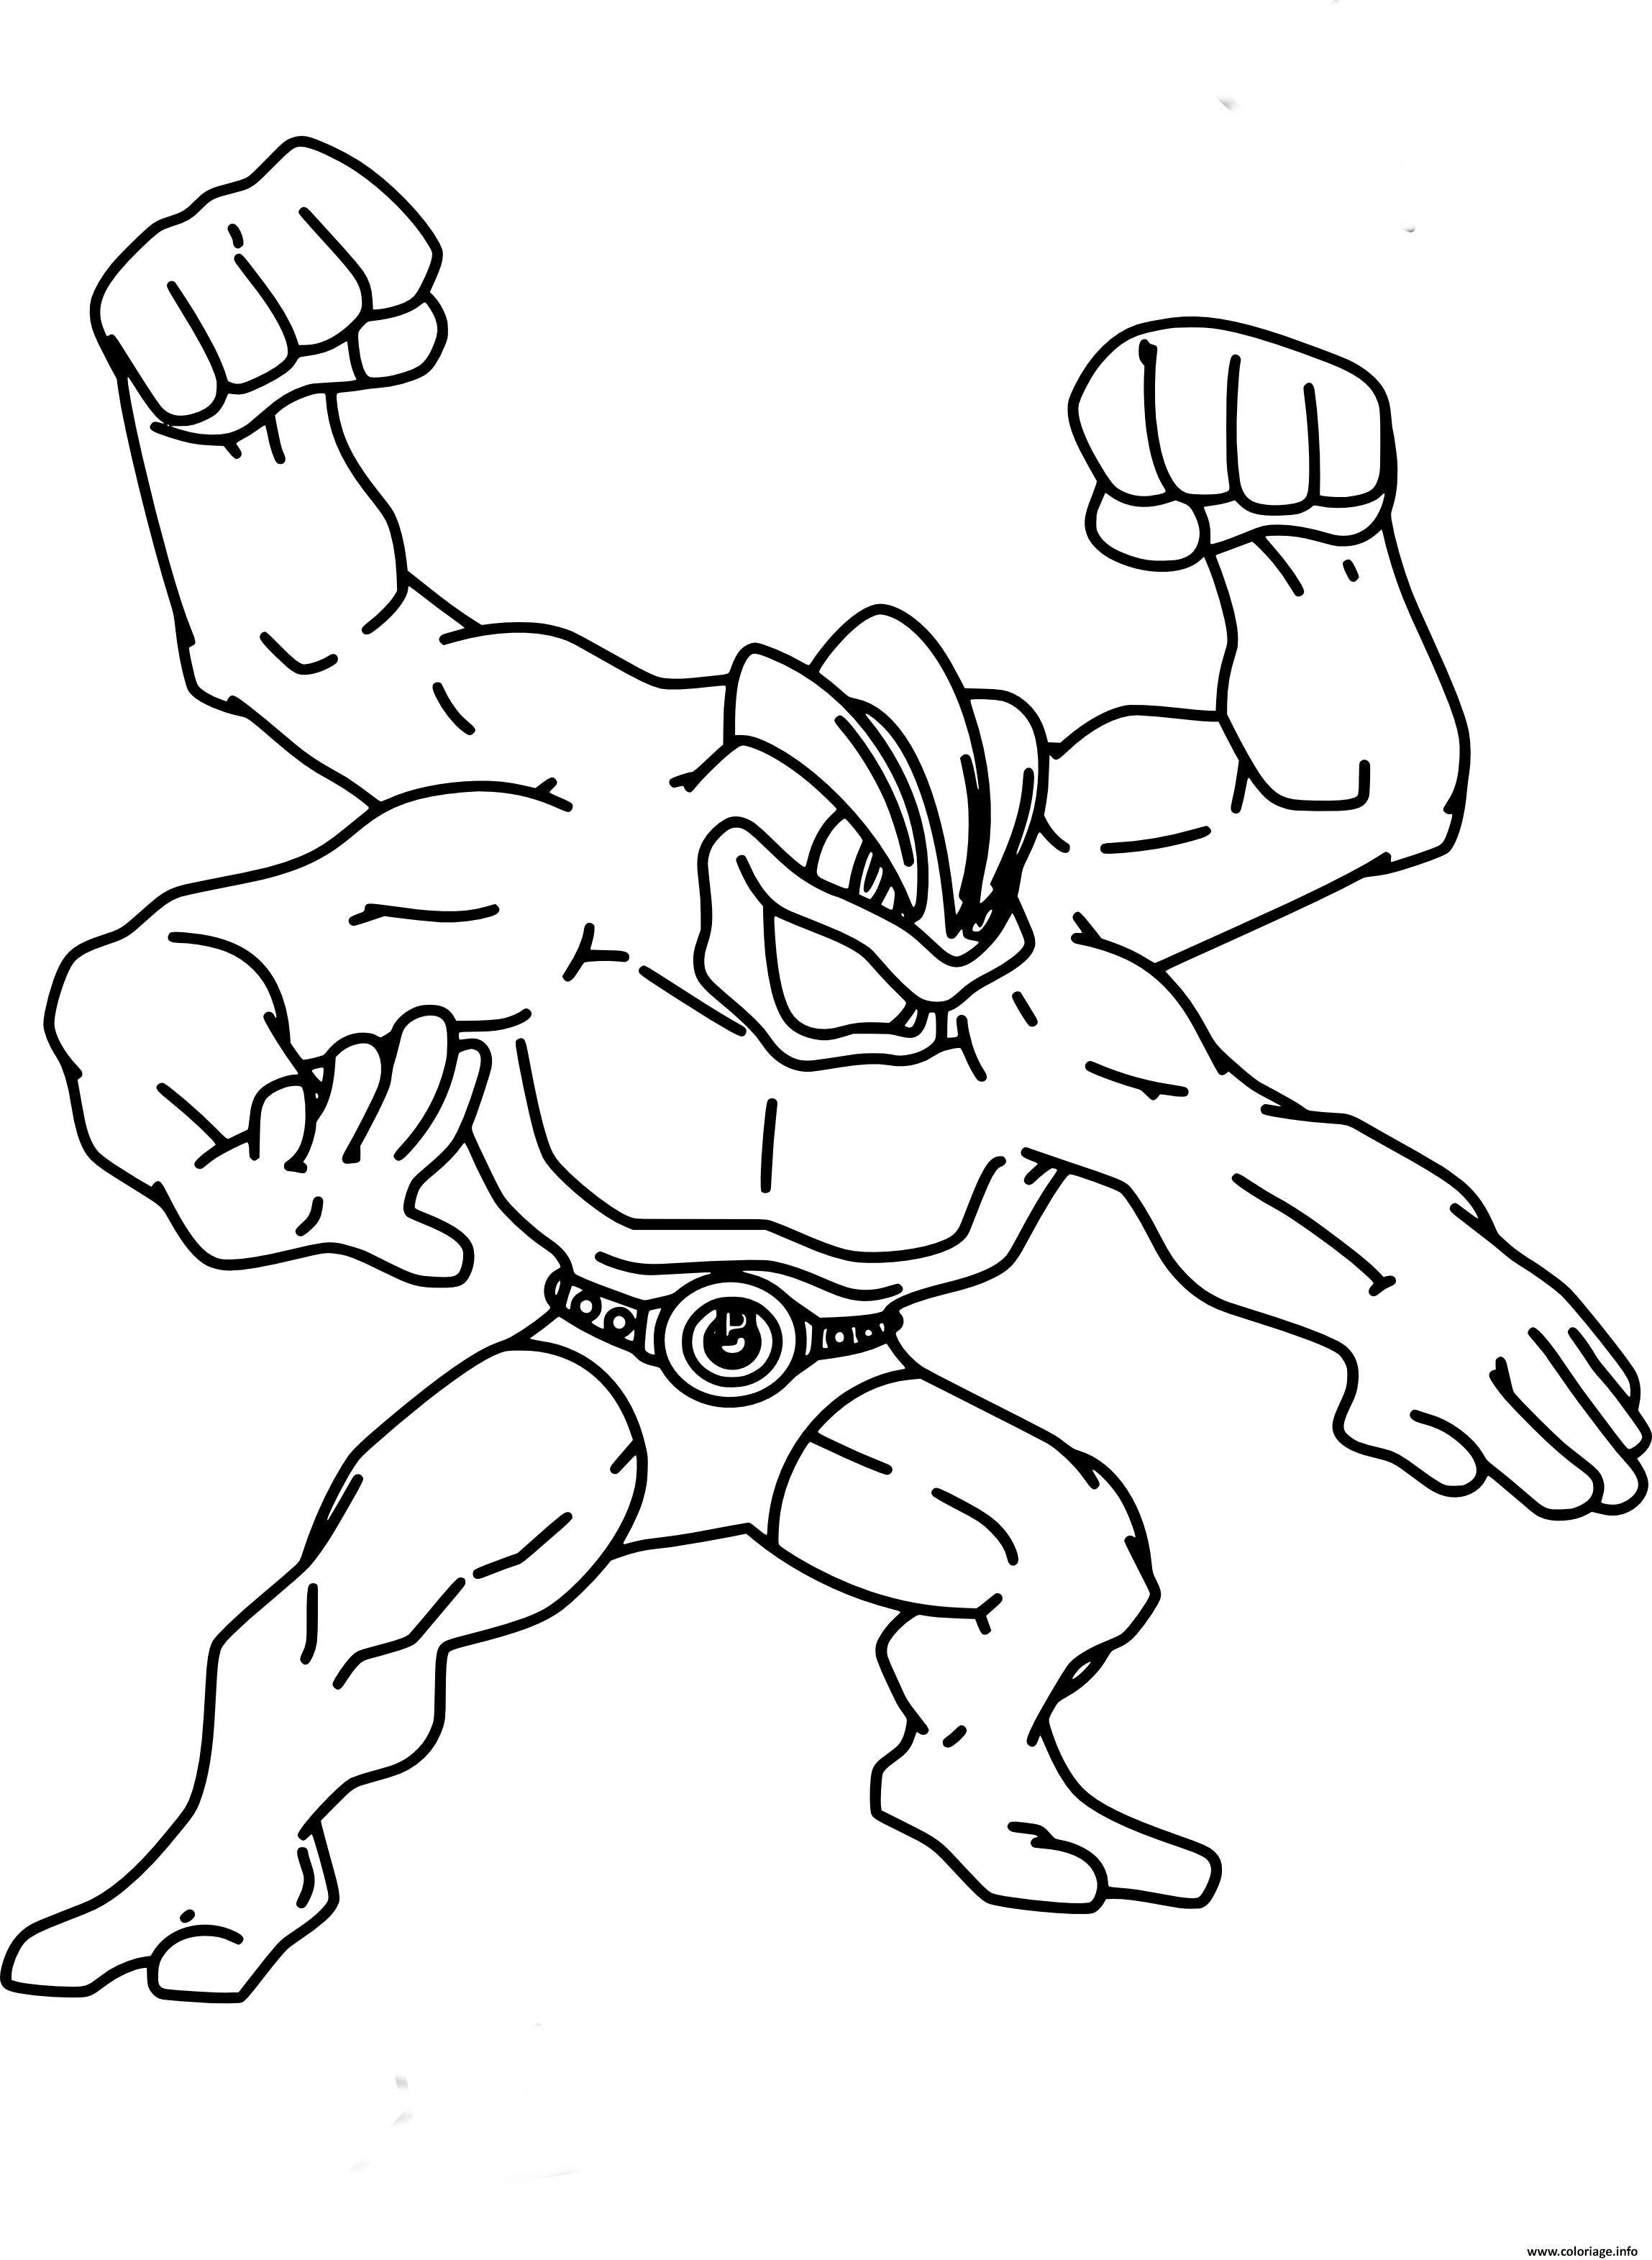 Coloriage pokemon noir et blanc dessin imprimer 1 - Coloriage pokemon en ligne ...